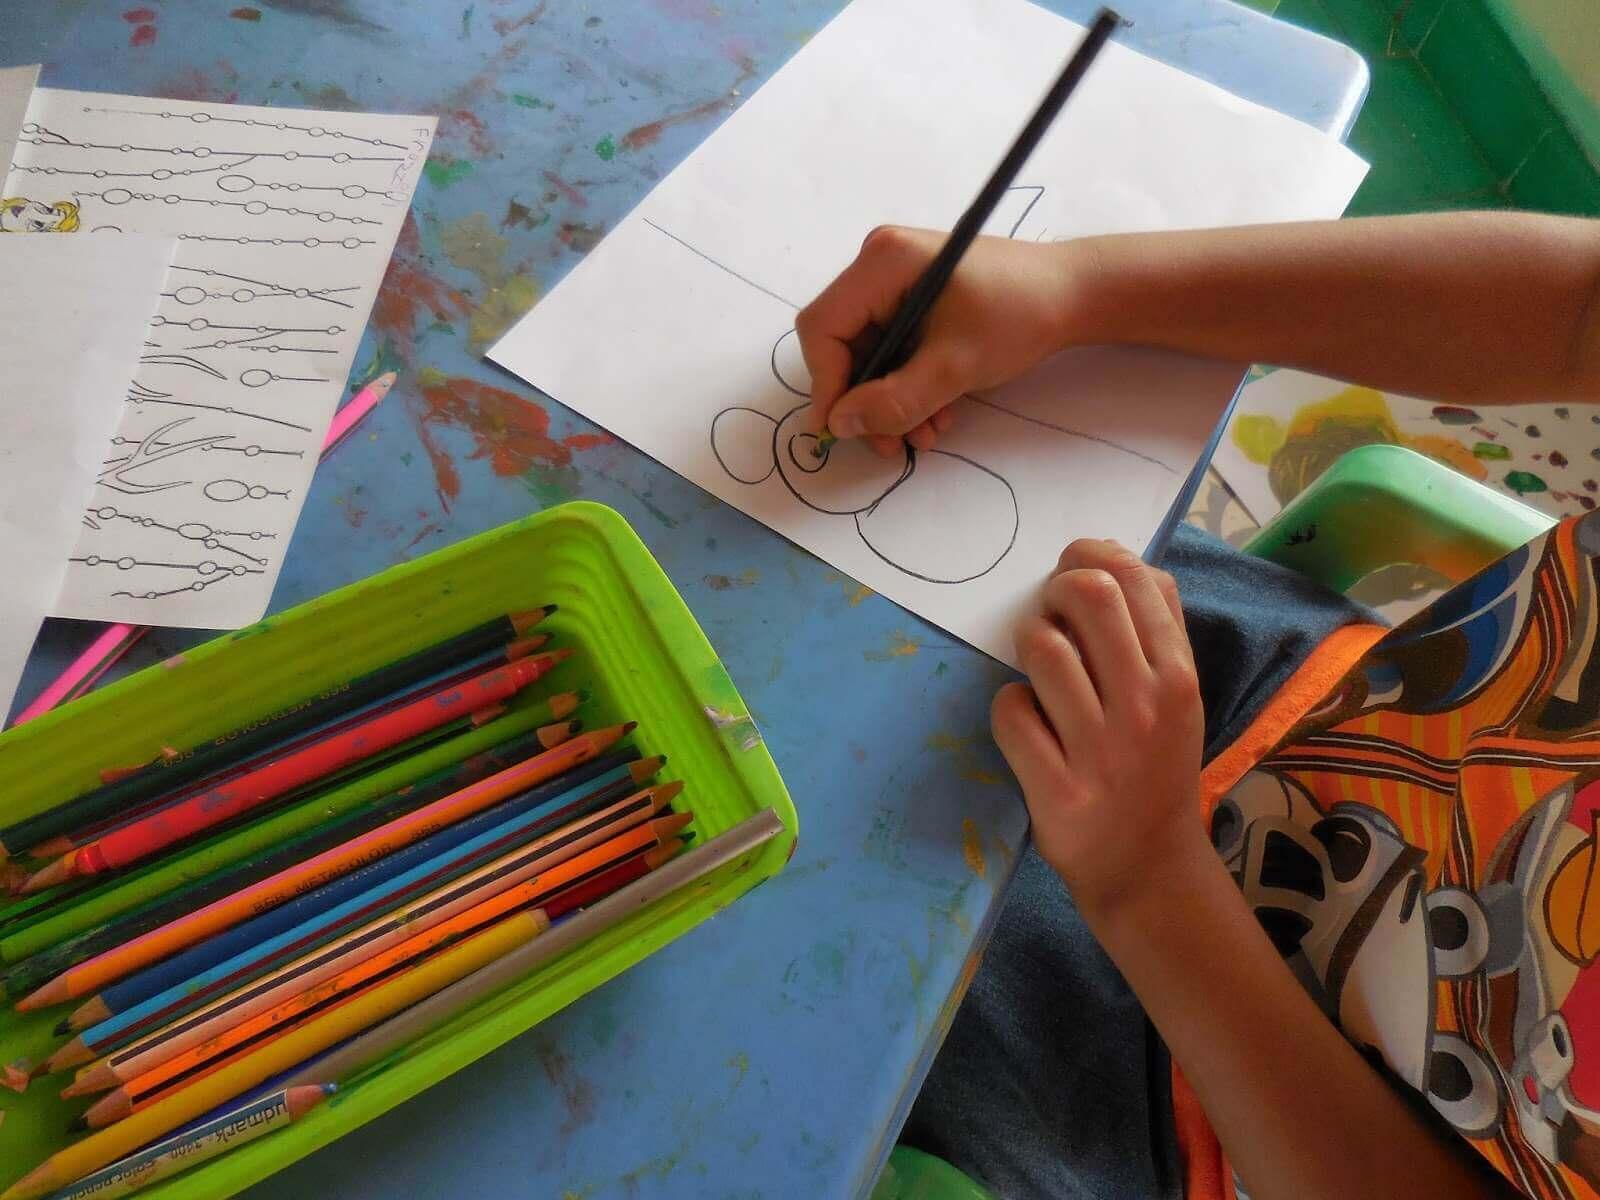 Les étapes du dessin chez les enfants marquent leur croissance et leur développement.